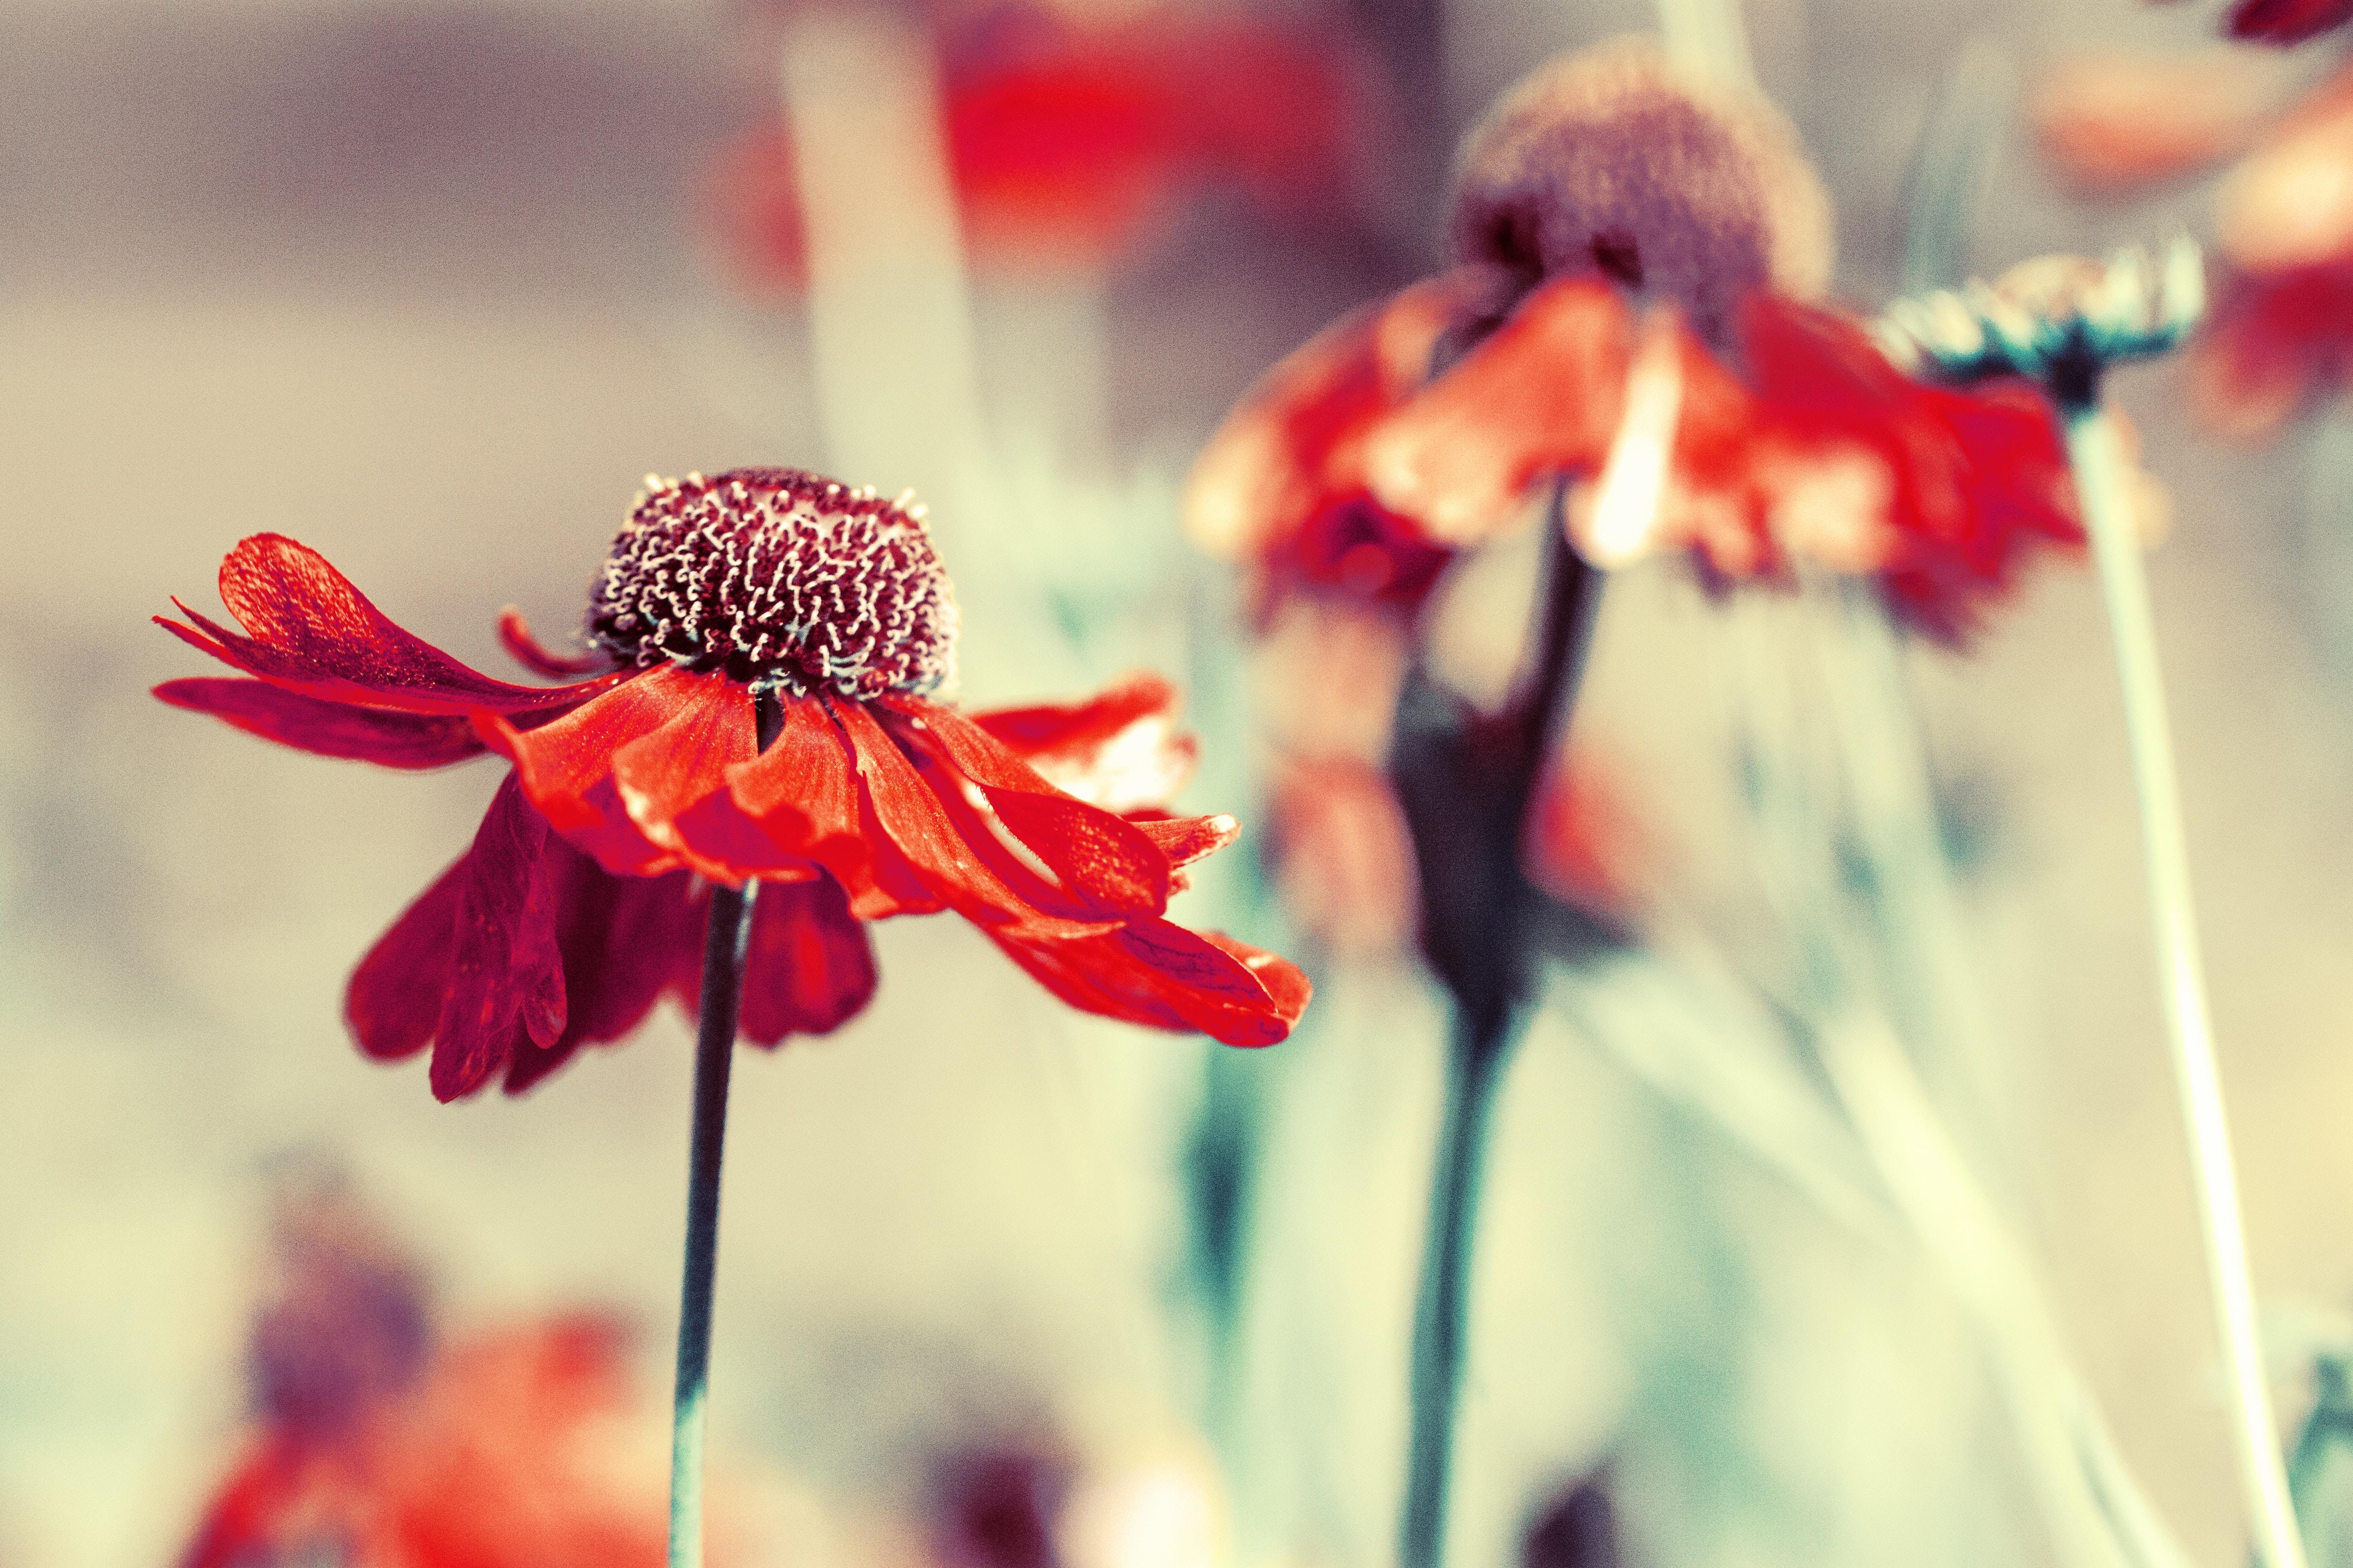 Red wildflowers wilt in a field